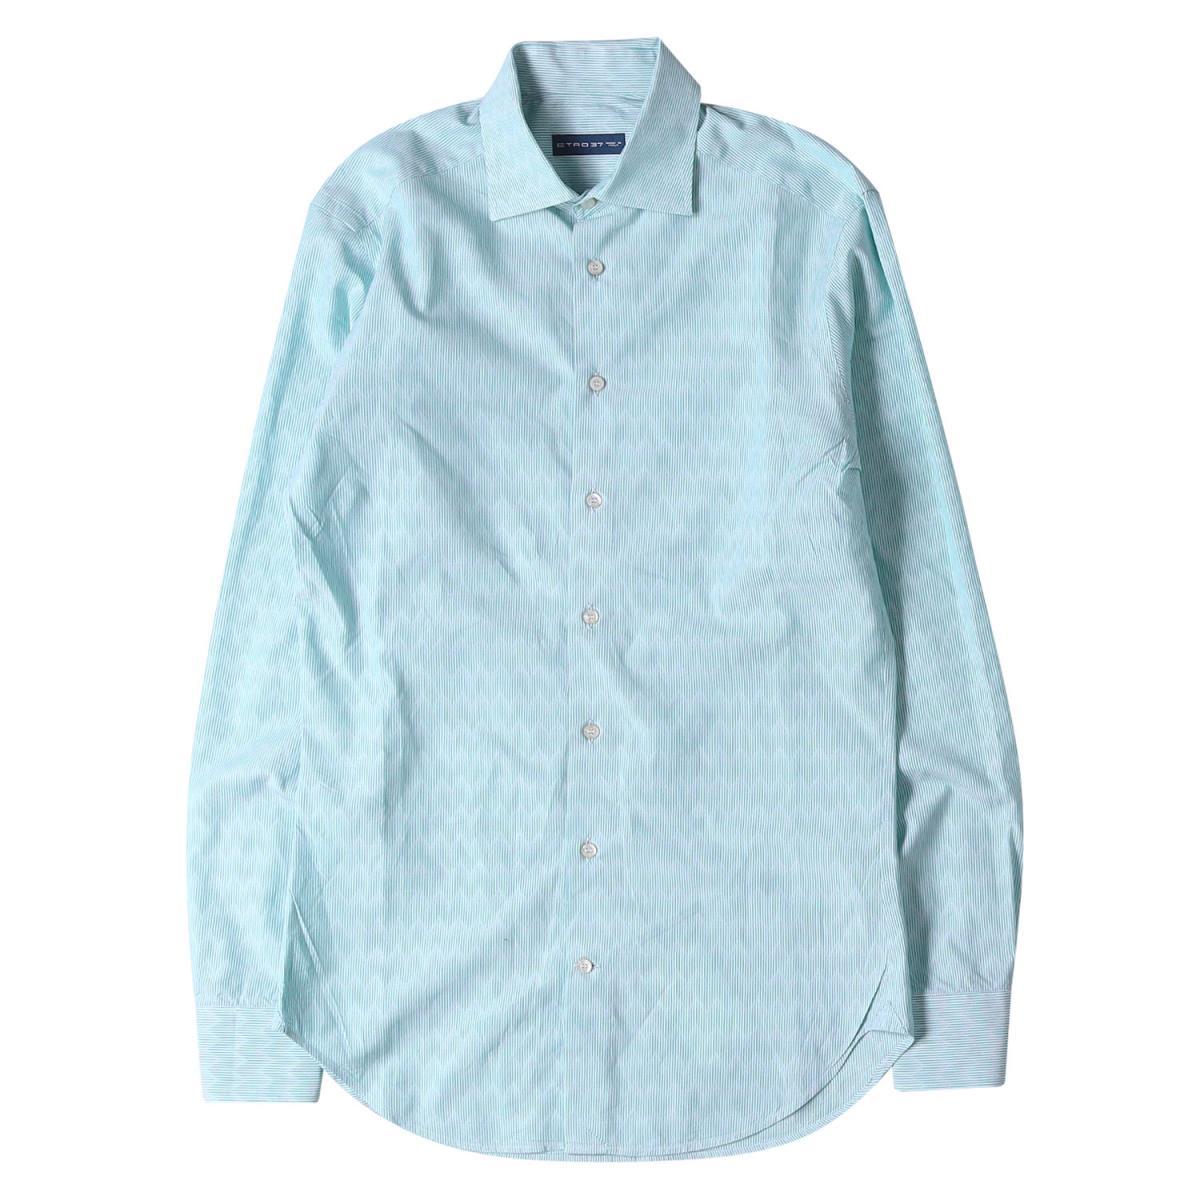 ETRO エトロ シャツ ギザギザストライプ コットン ボタン シャツ イタリア製 ブルー×ホワイト 37 【メンズ】【美品】【中古】【K2577】